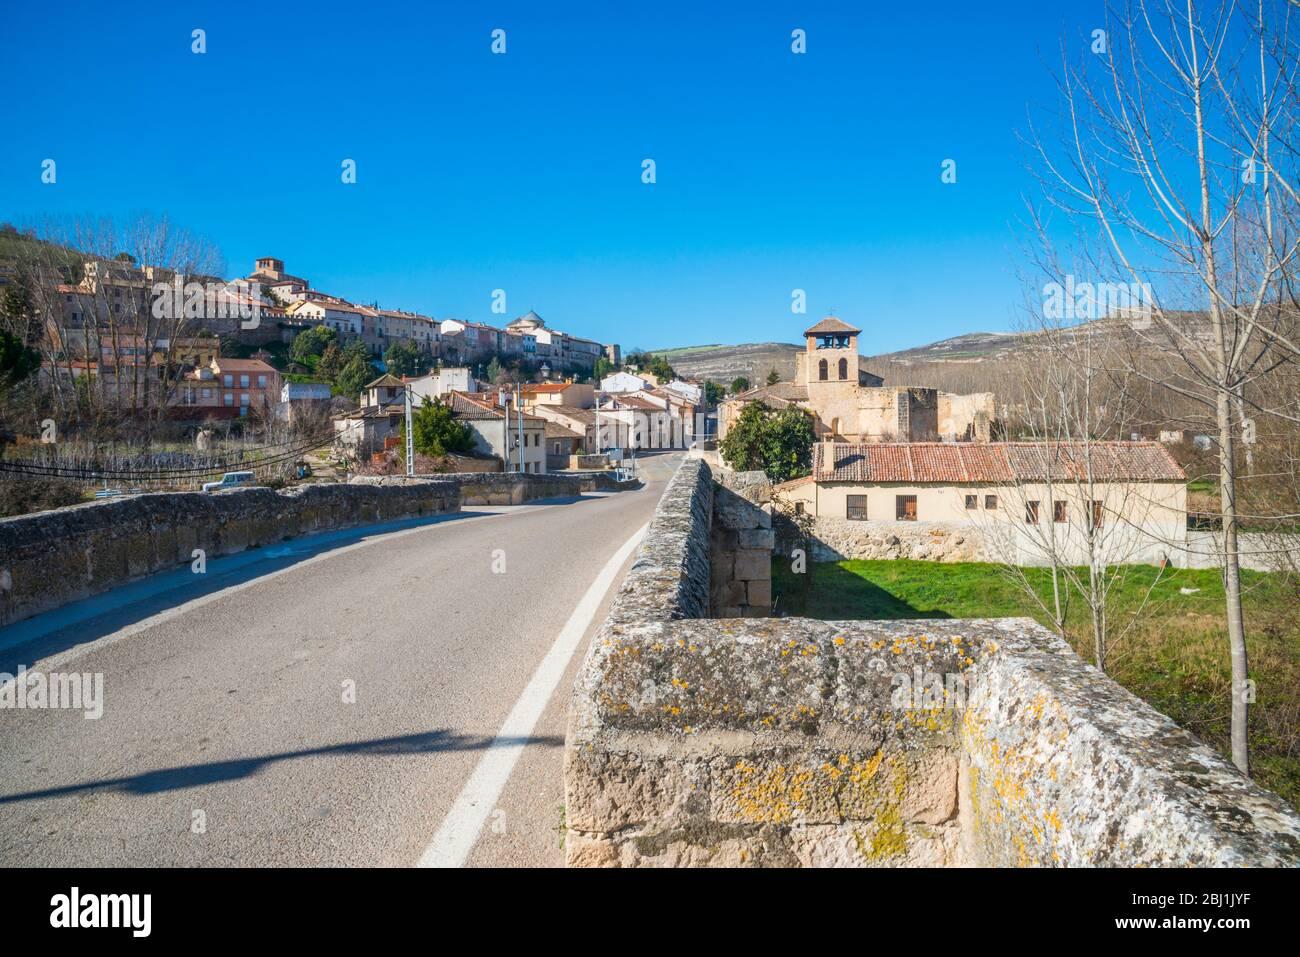 Overview. Fuentidueña, Segovia province, Castilla Leon, Spain. Stock Photo